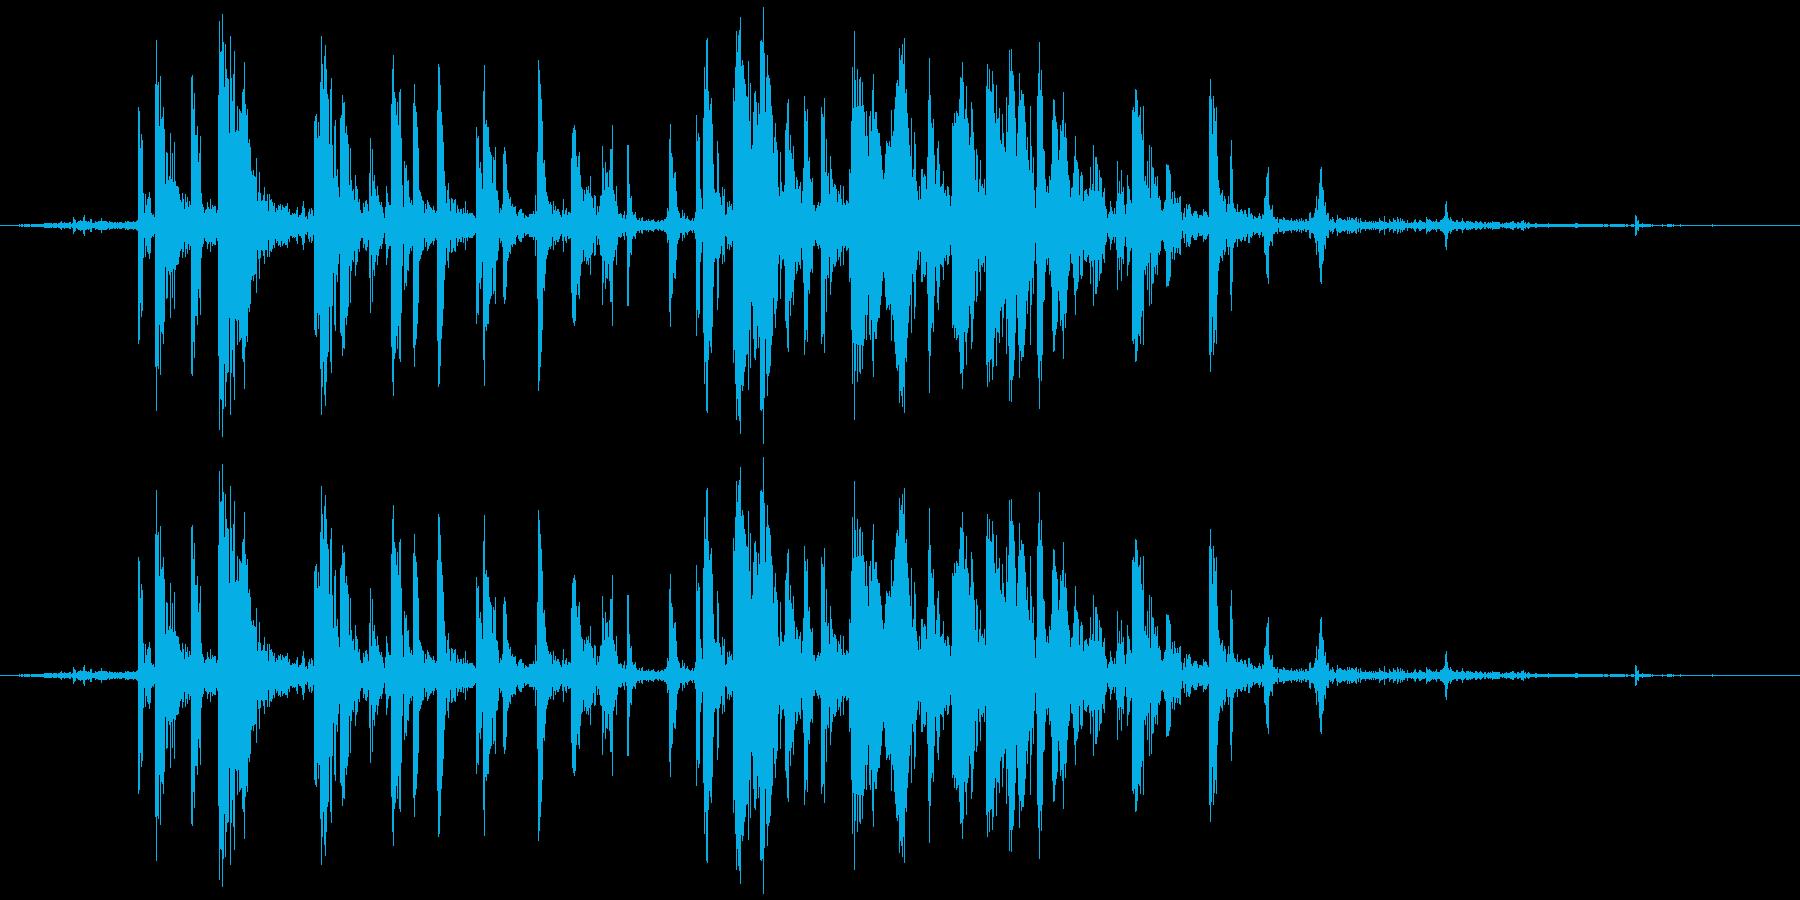 速報;ヴィンテージ録音;雑多なクラ...の再生済みの波形